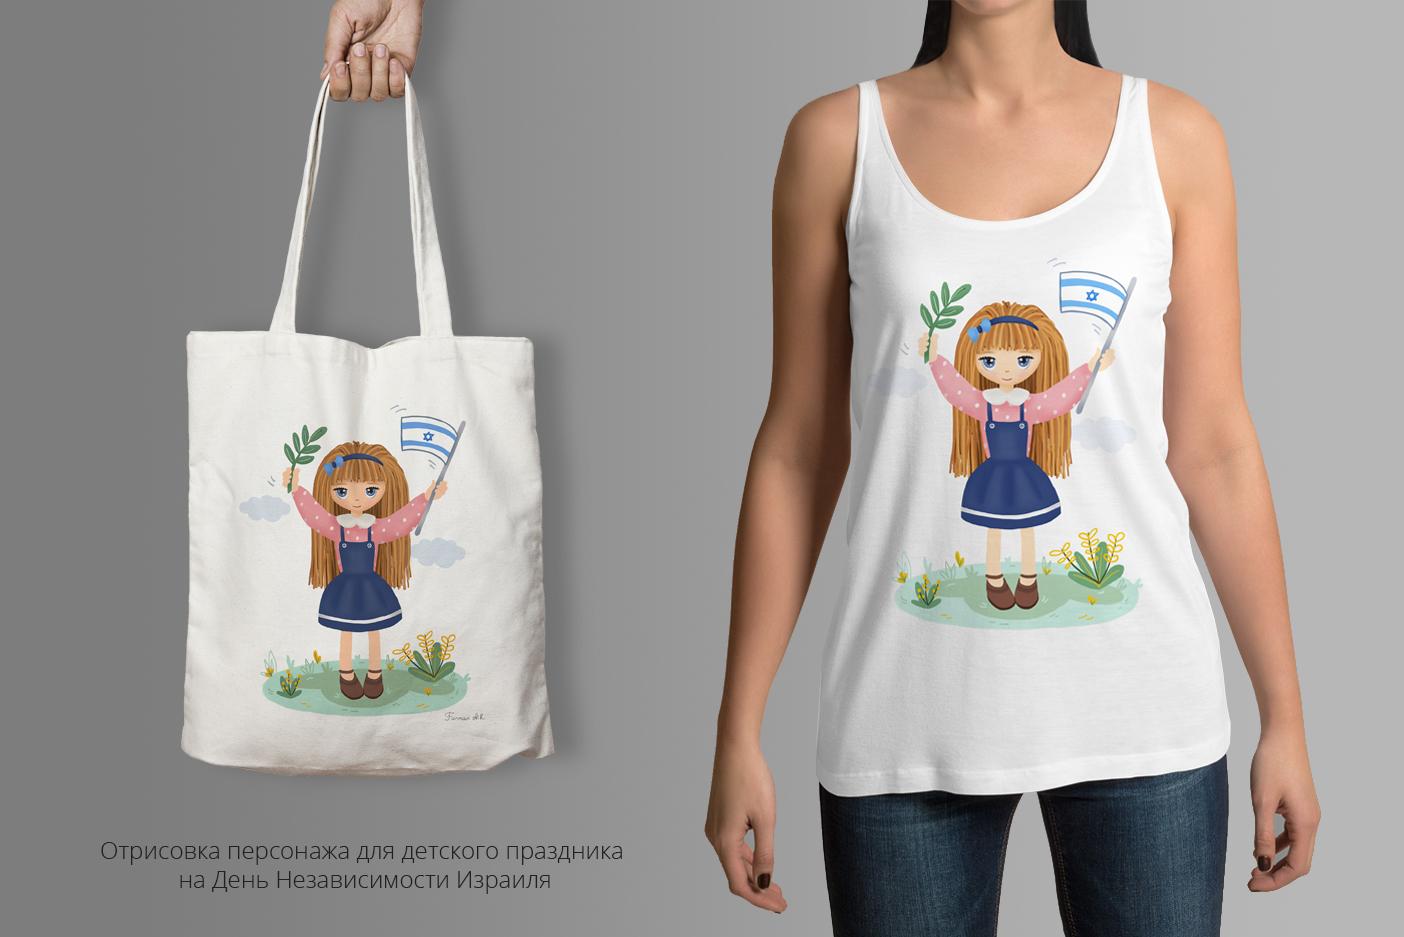 Иллюстрация для детского праздника на День Независимости Израиля